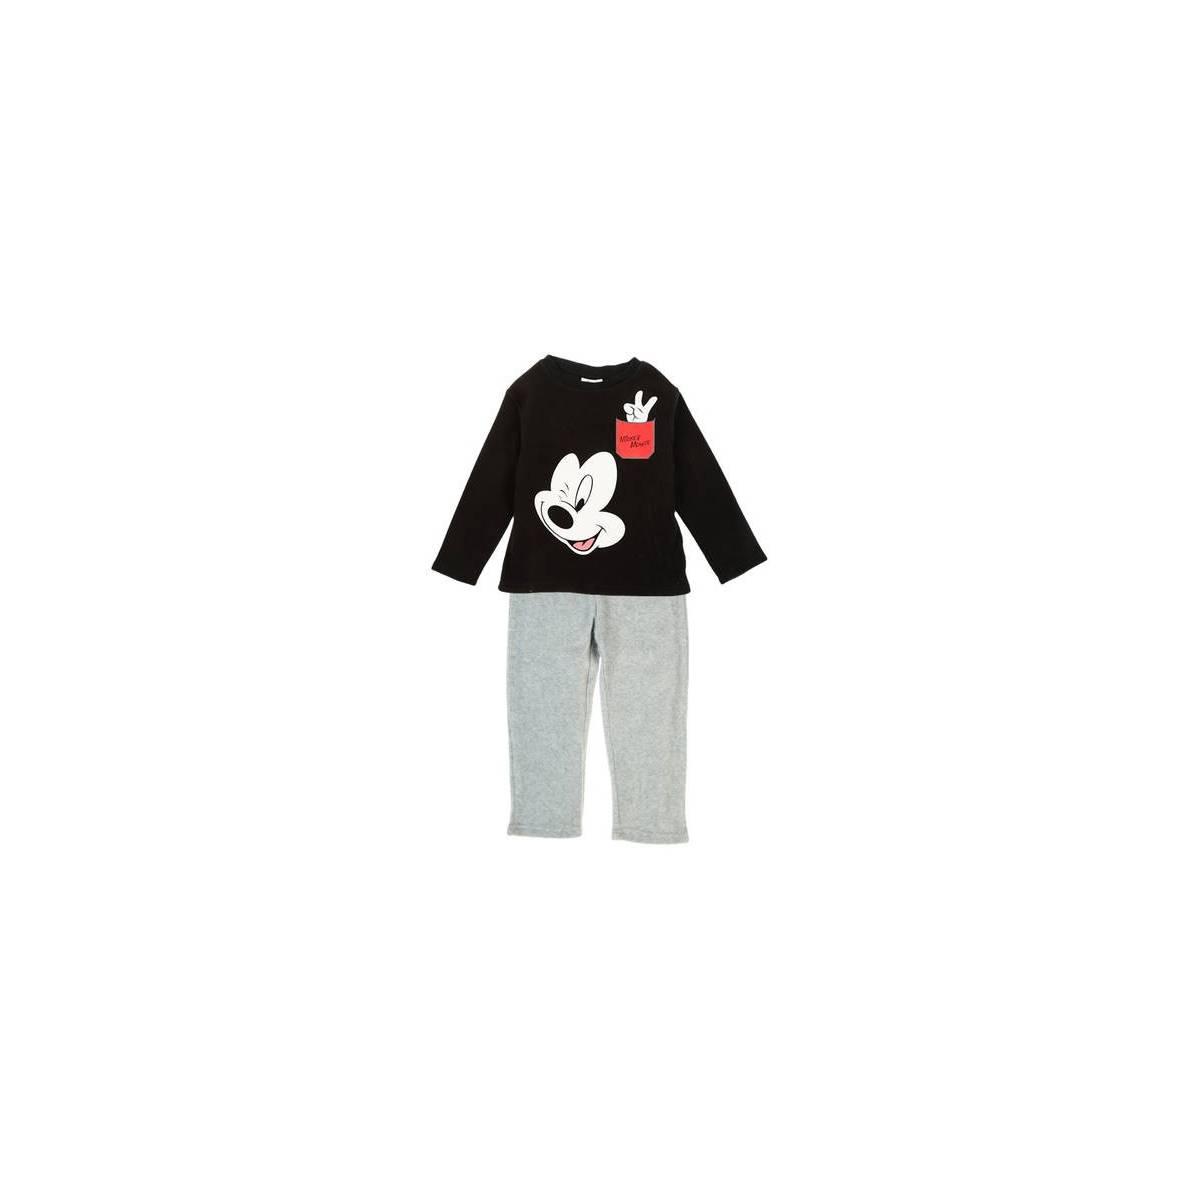 d220b90a60e55 Mickey Mouse - Pyjama enfant mickey polaire noir - 3 au 8 ans